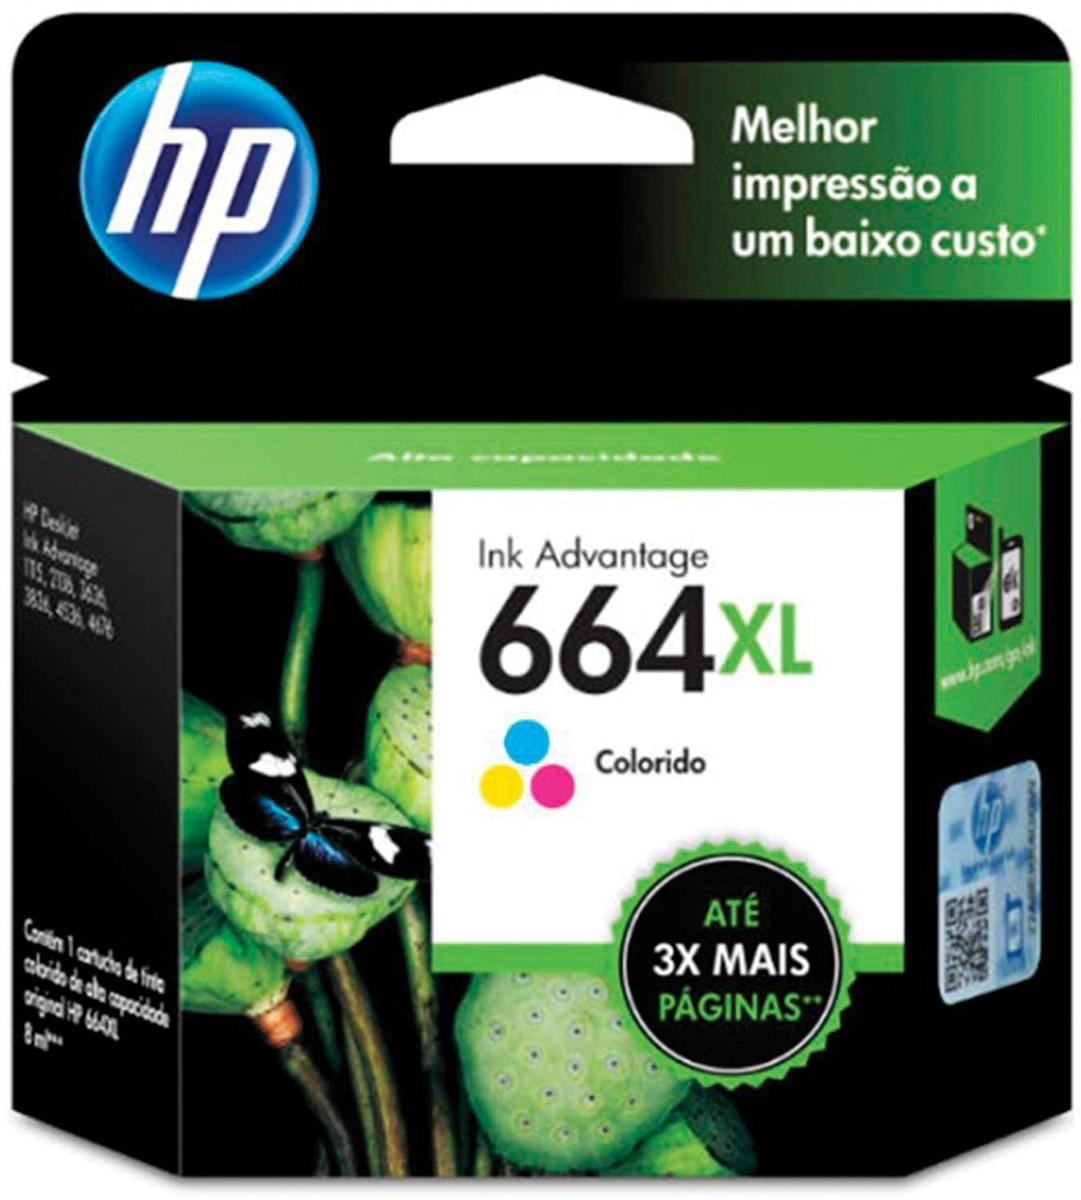 CARTUCHO DE TINTA COLOR 8,0 ml HP ORIGINAL F6V30AB 664XL